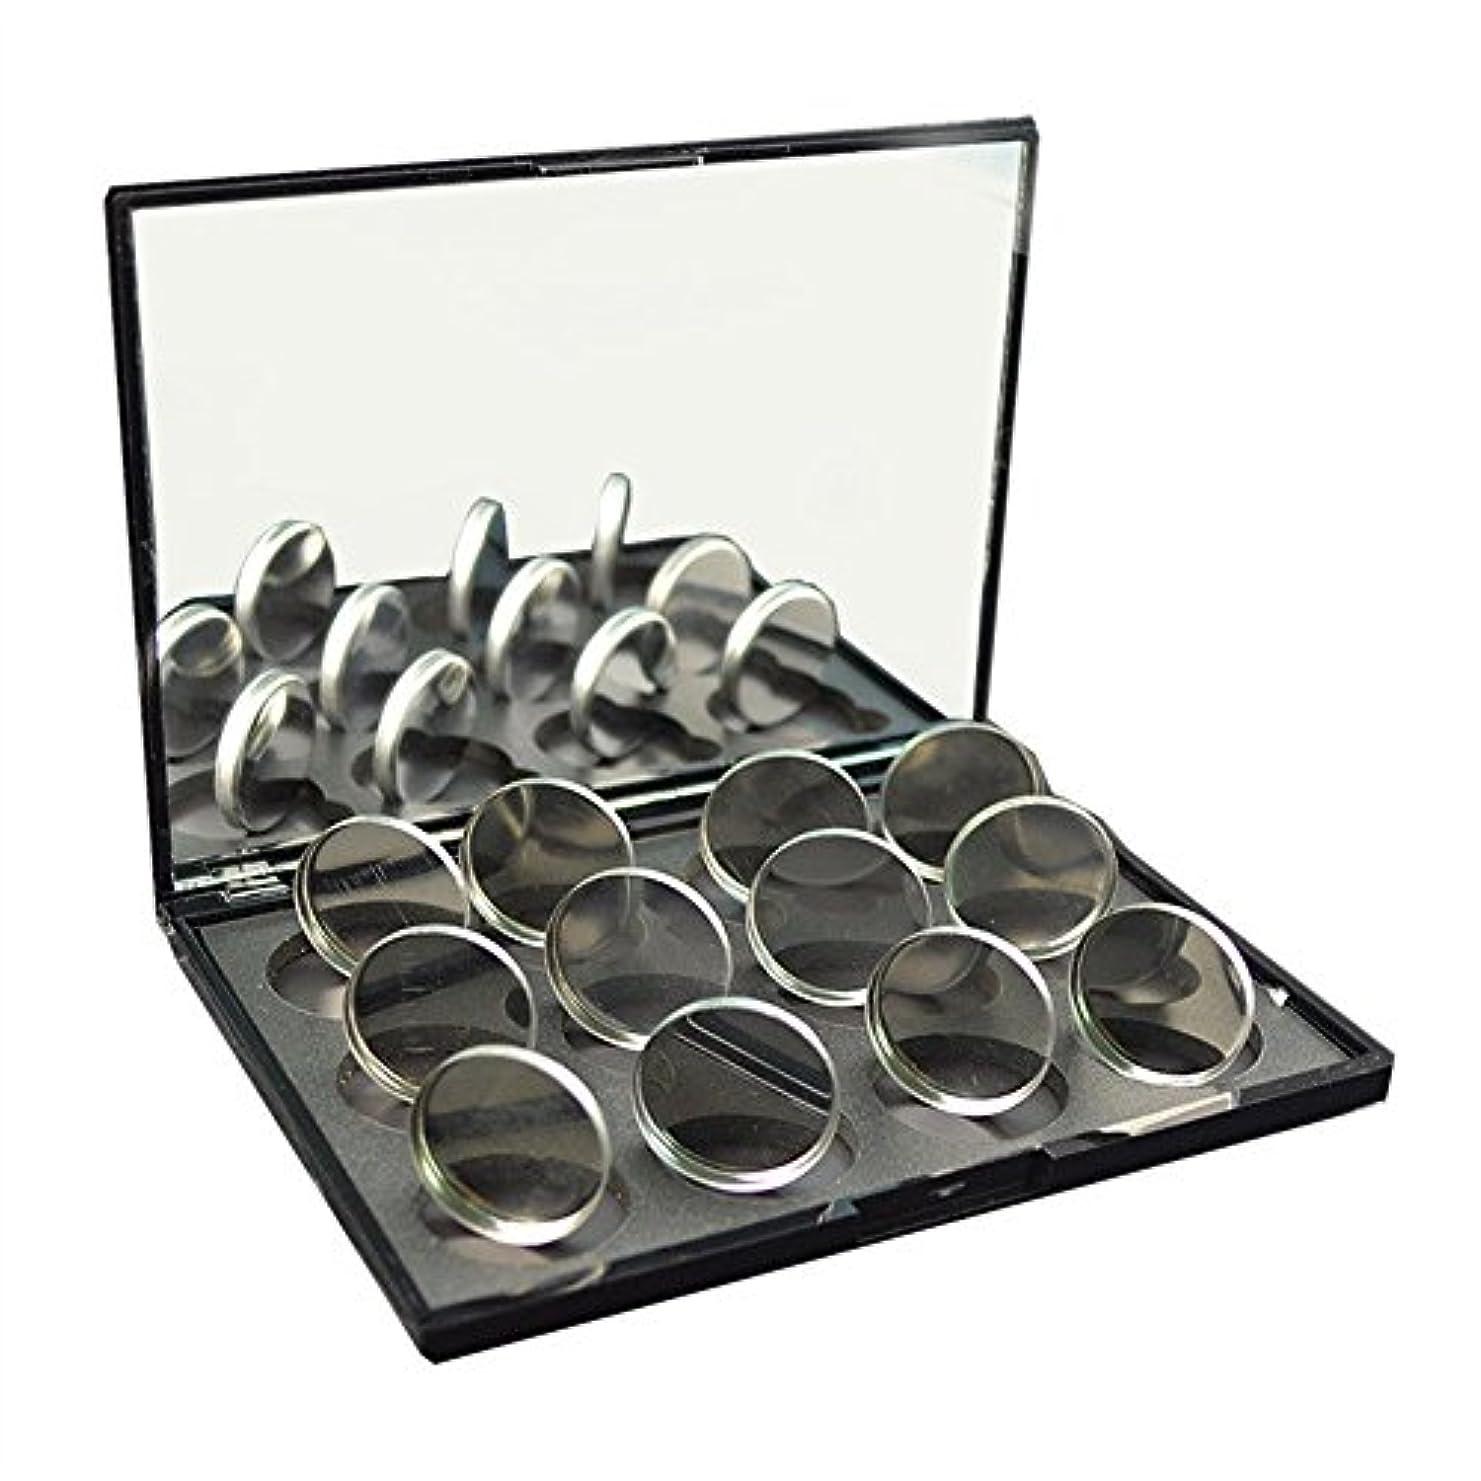 瞑想する風景該当する磁石に敏感な粉のアイシャドウ26mmのための100pcs空の円形の錫鍋